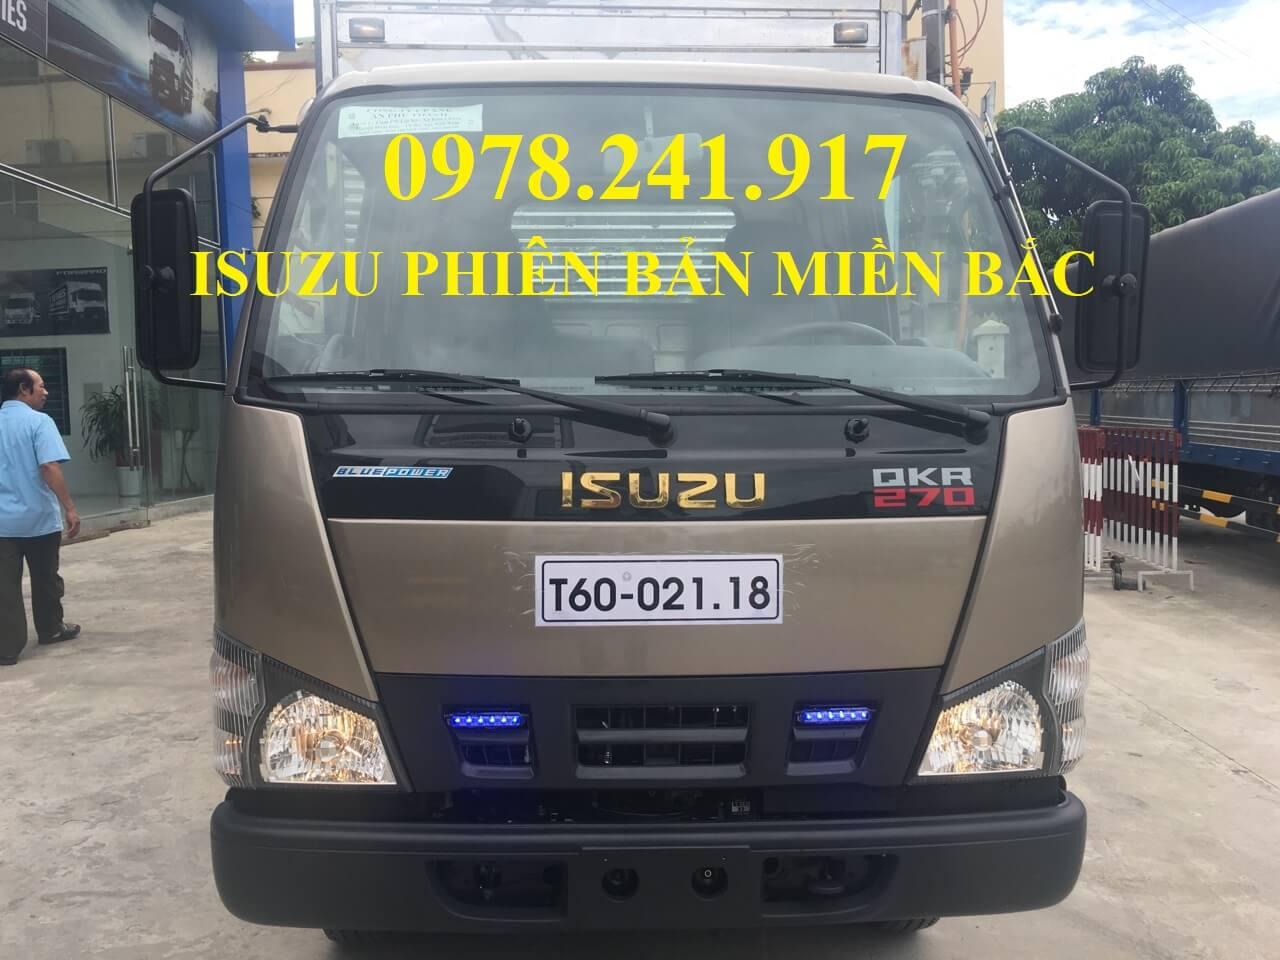 Isuzu QKR North Limited – Xe tải isuzu QKR phiên bản miền bắc